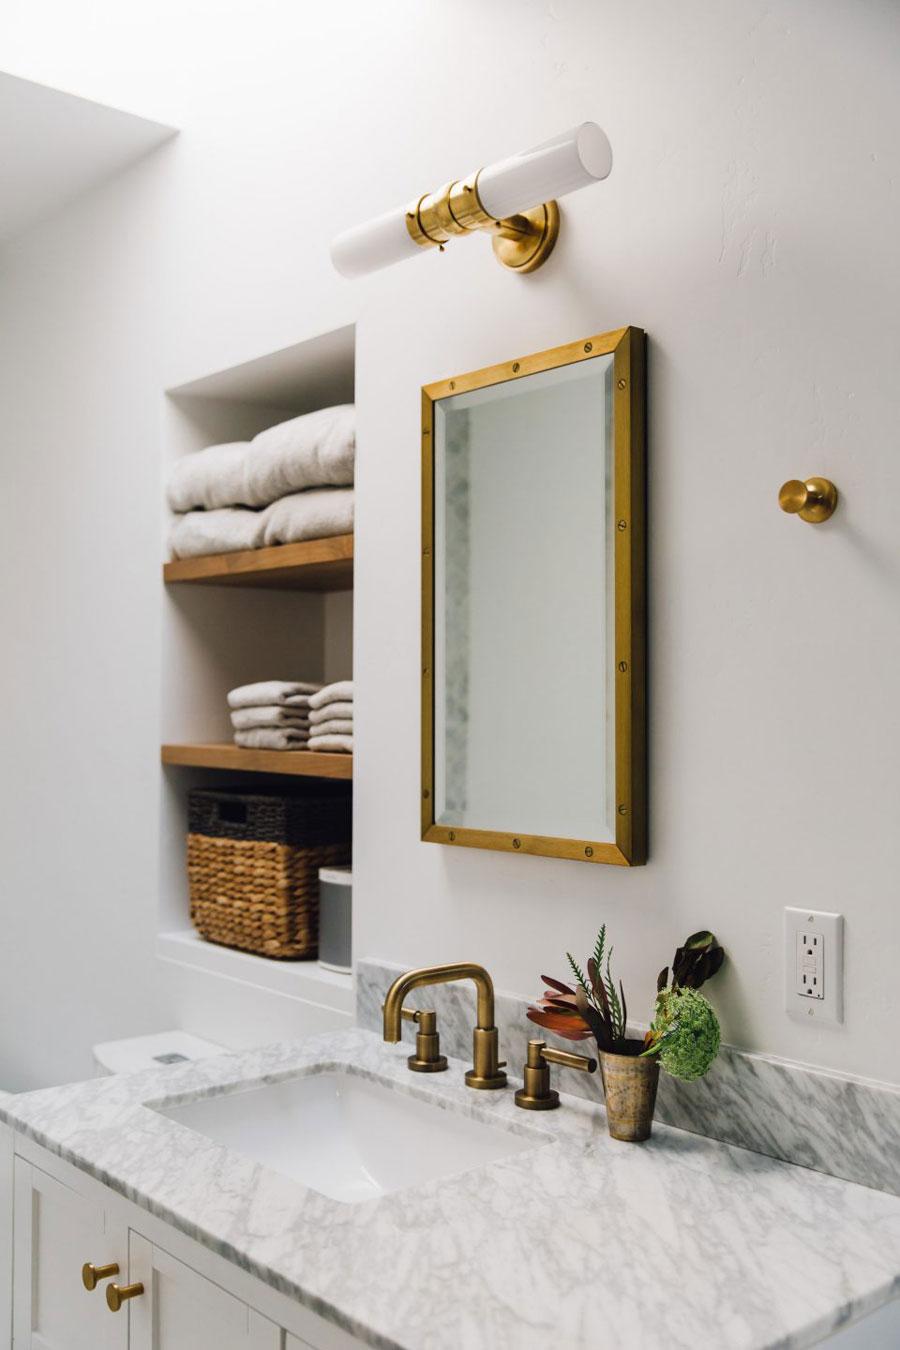 Complete badkamerverbouwing van Alicia Lund